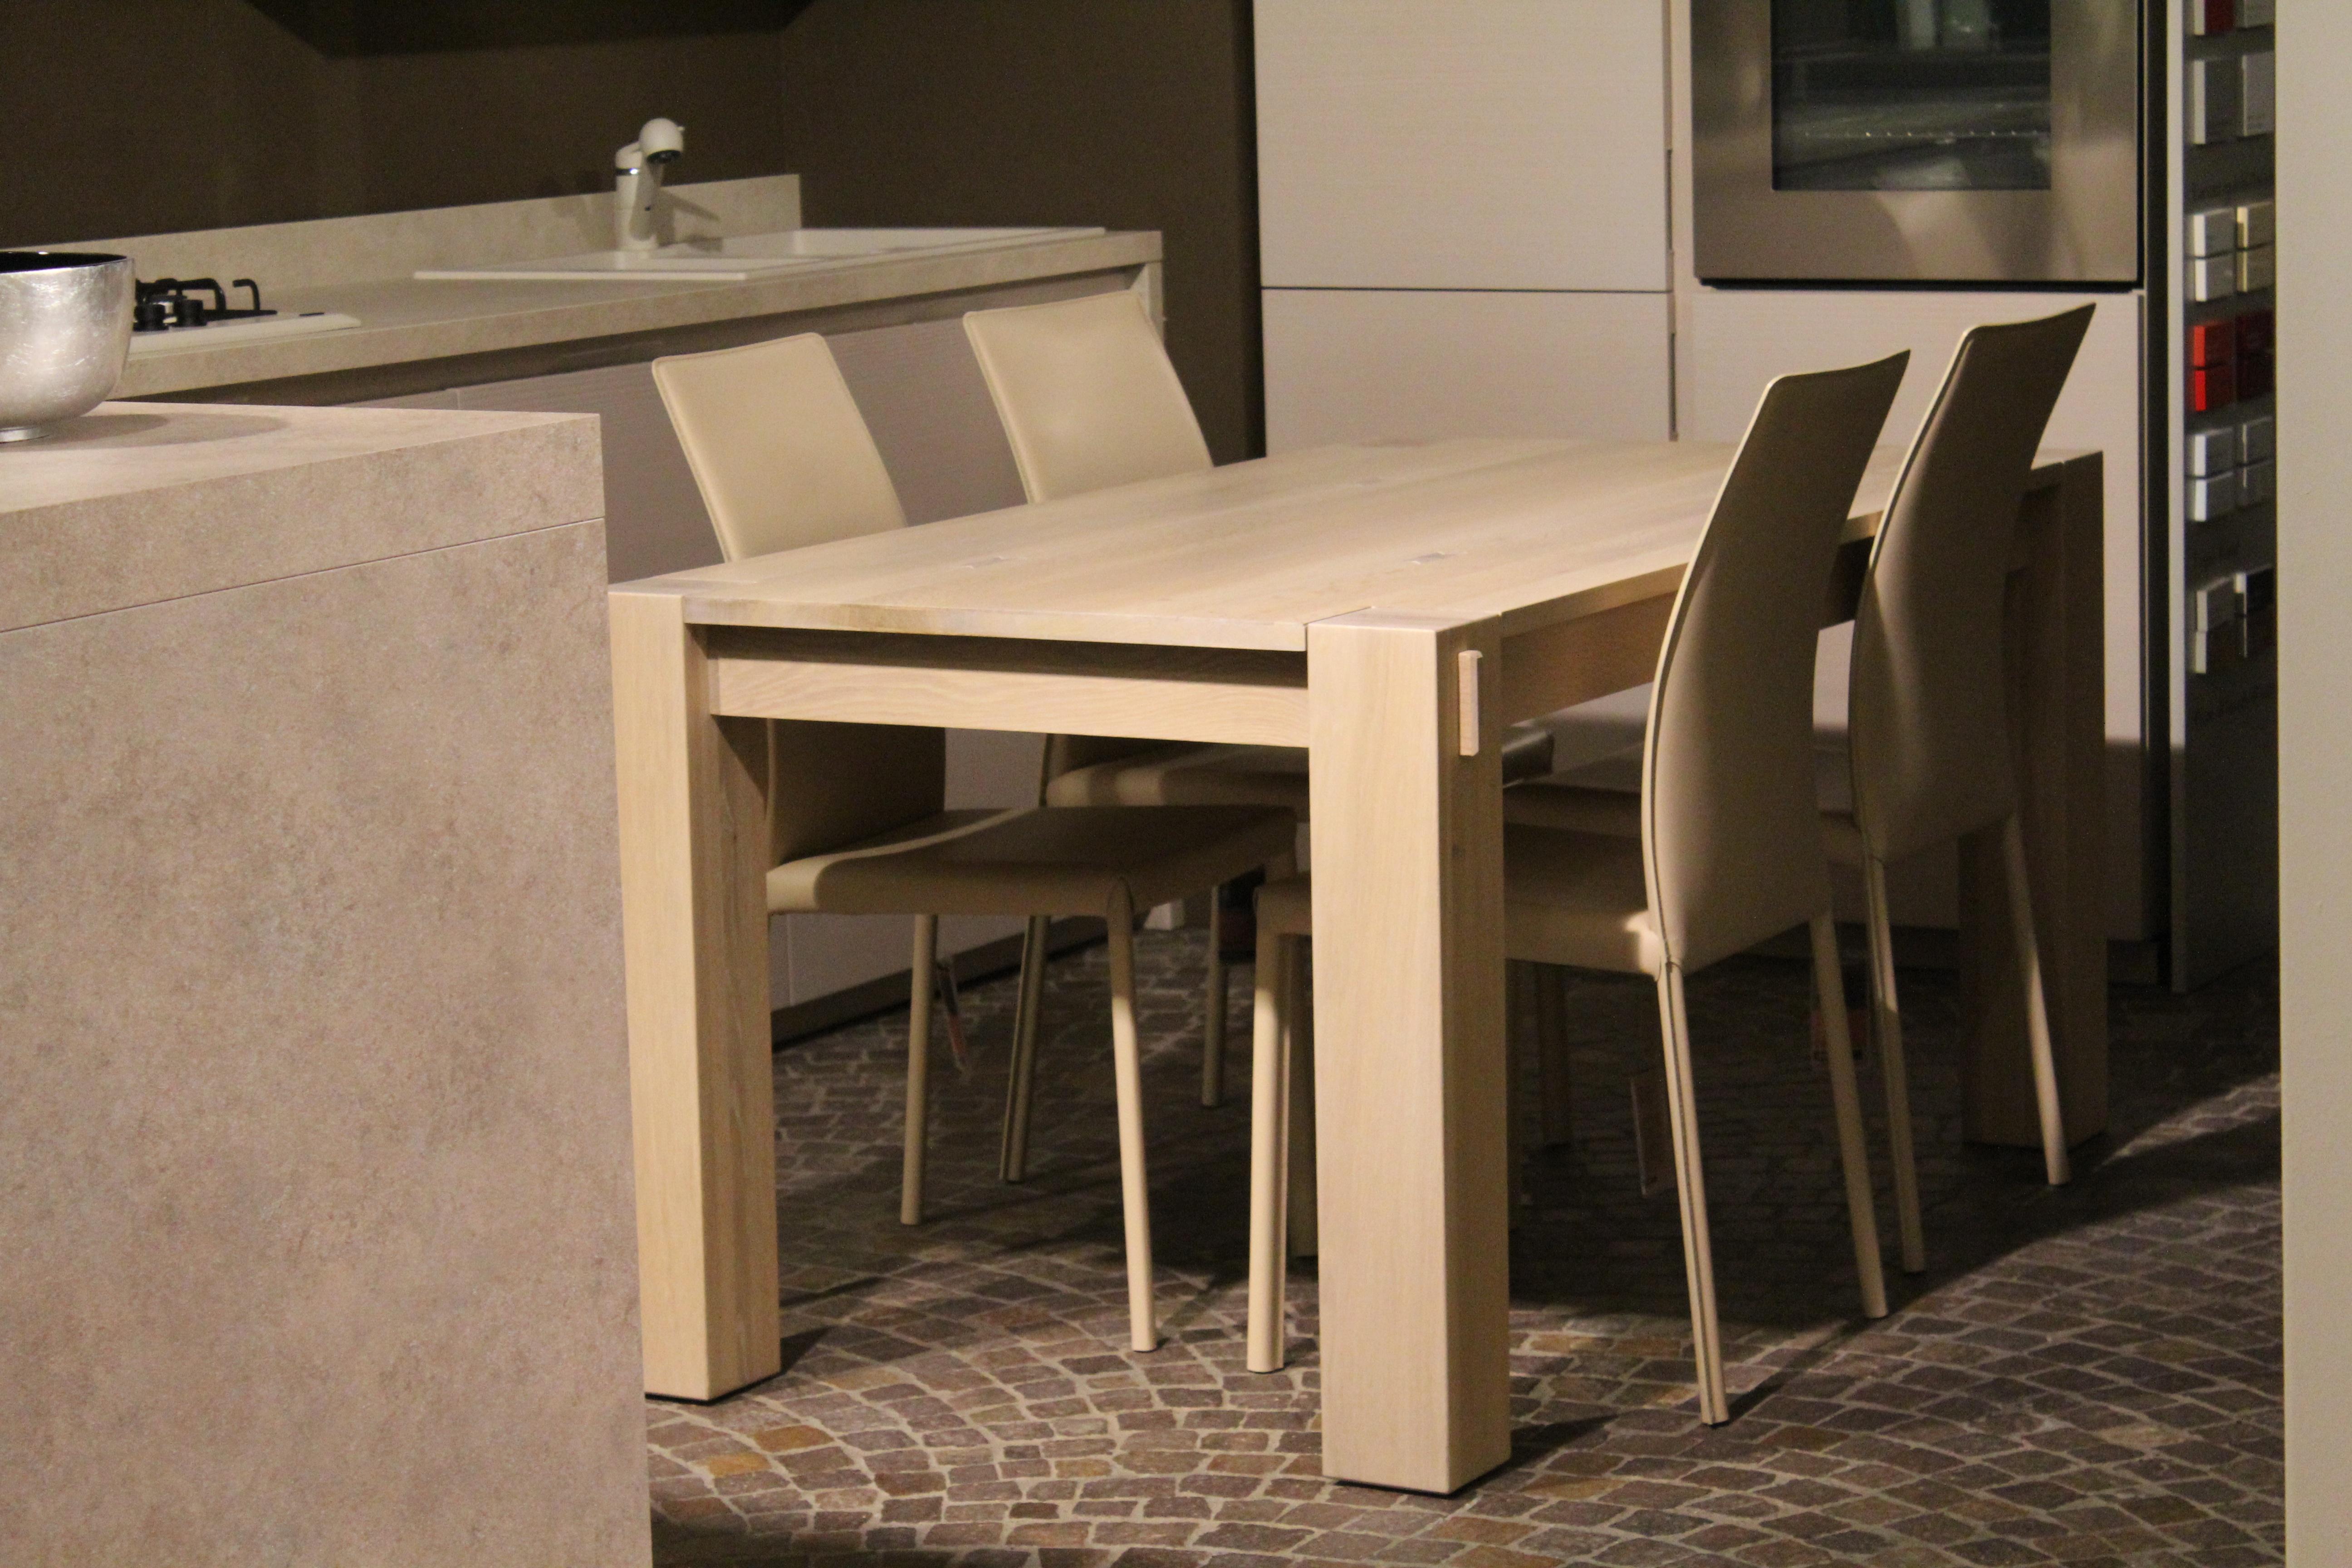 Fotos gratis escritorio mesa casa piso interior - Disenos de pisos para interiores ...